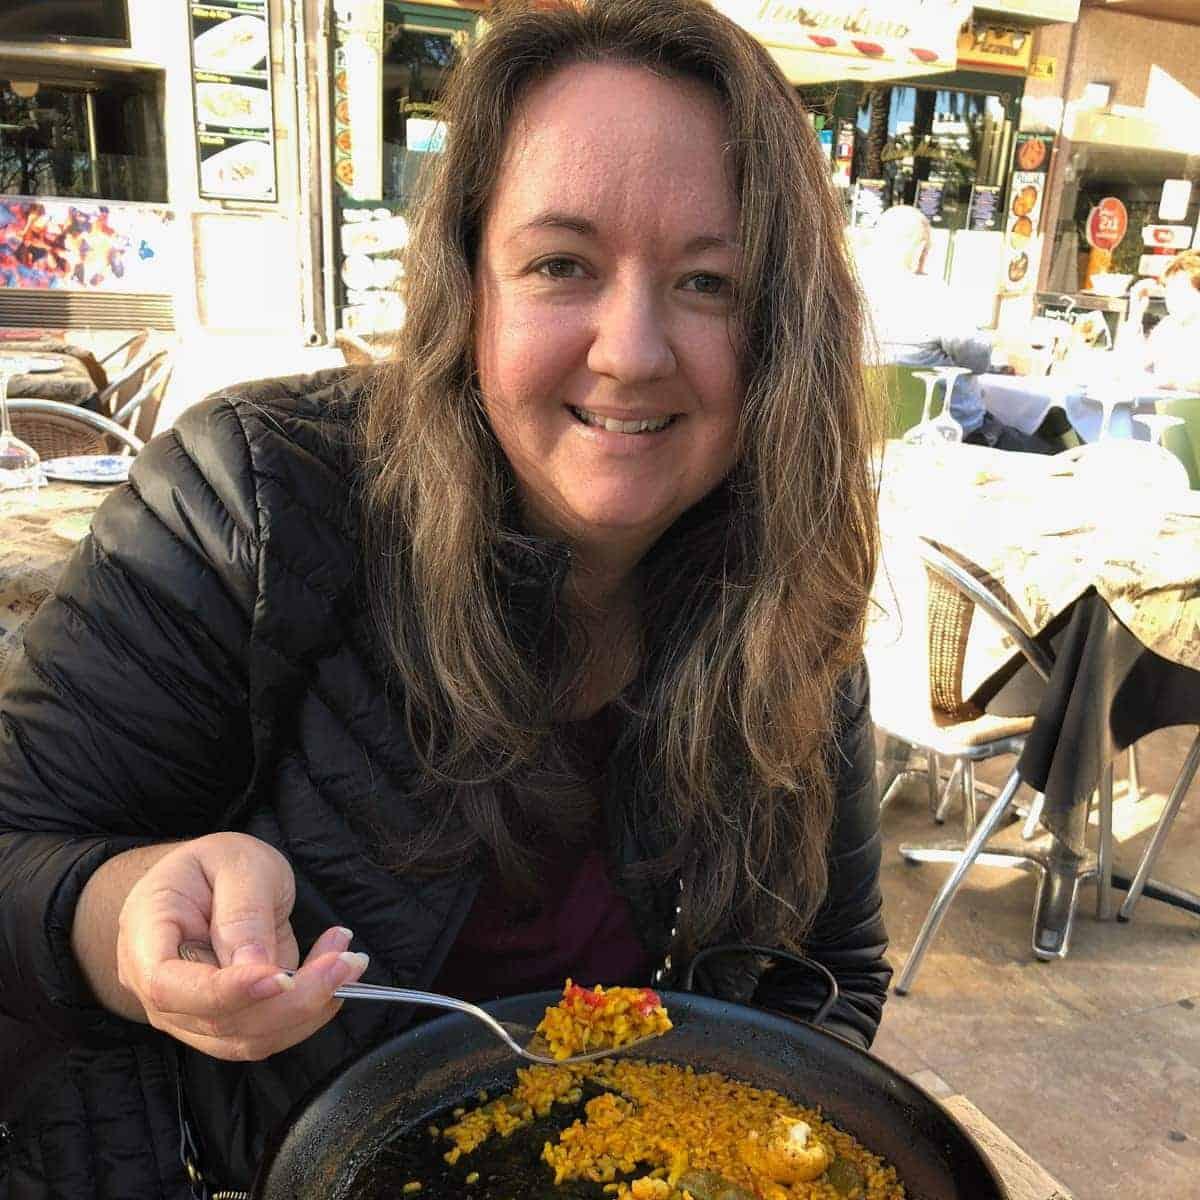 woman eating paella